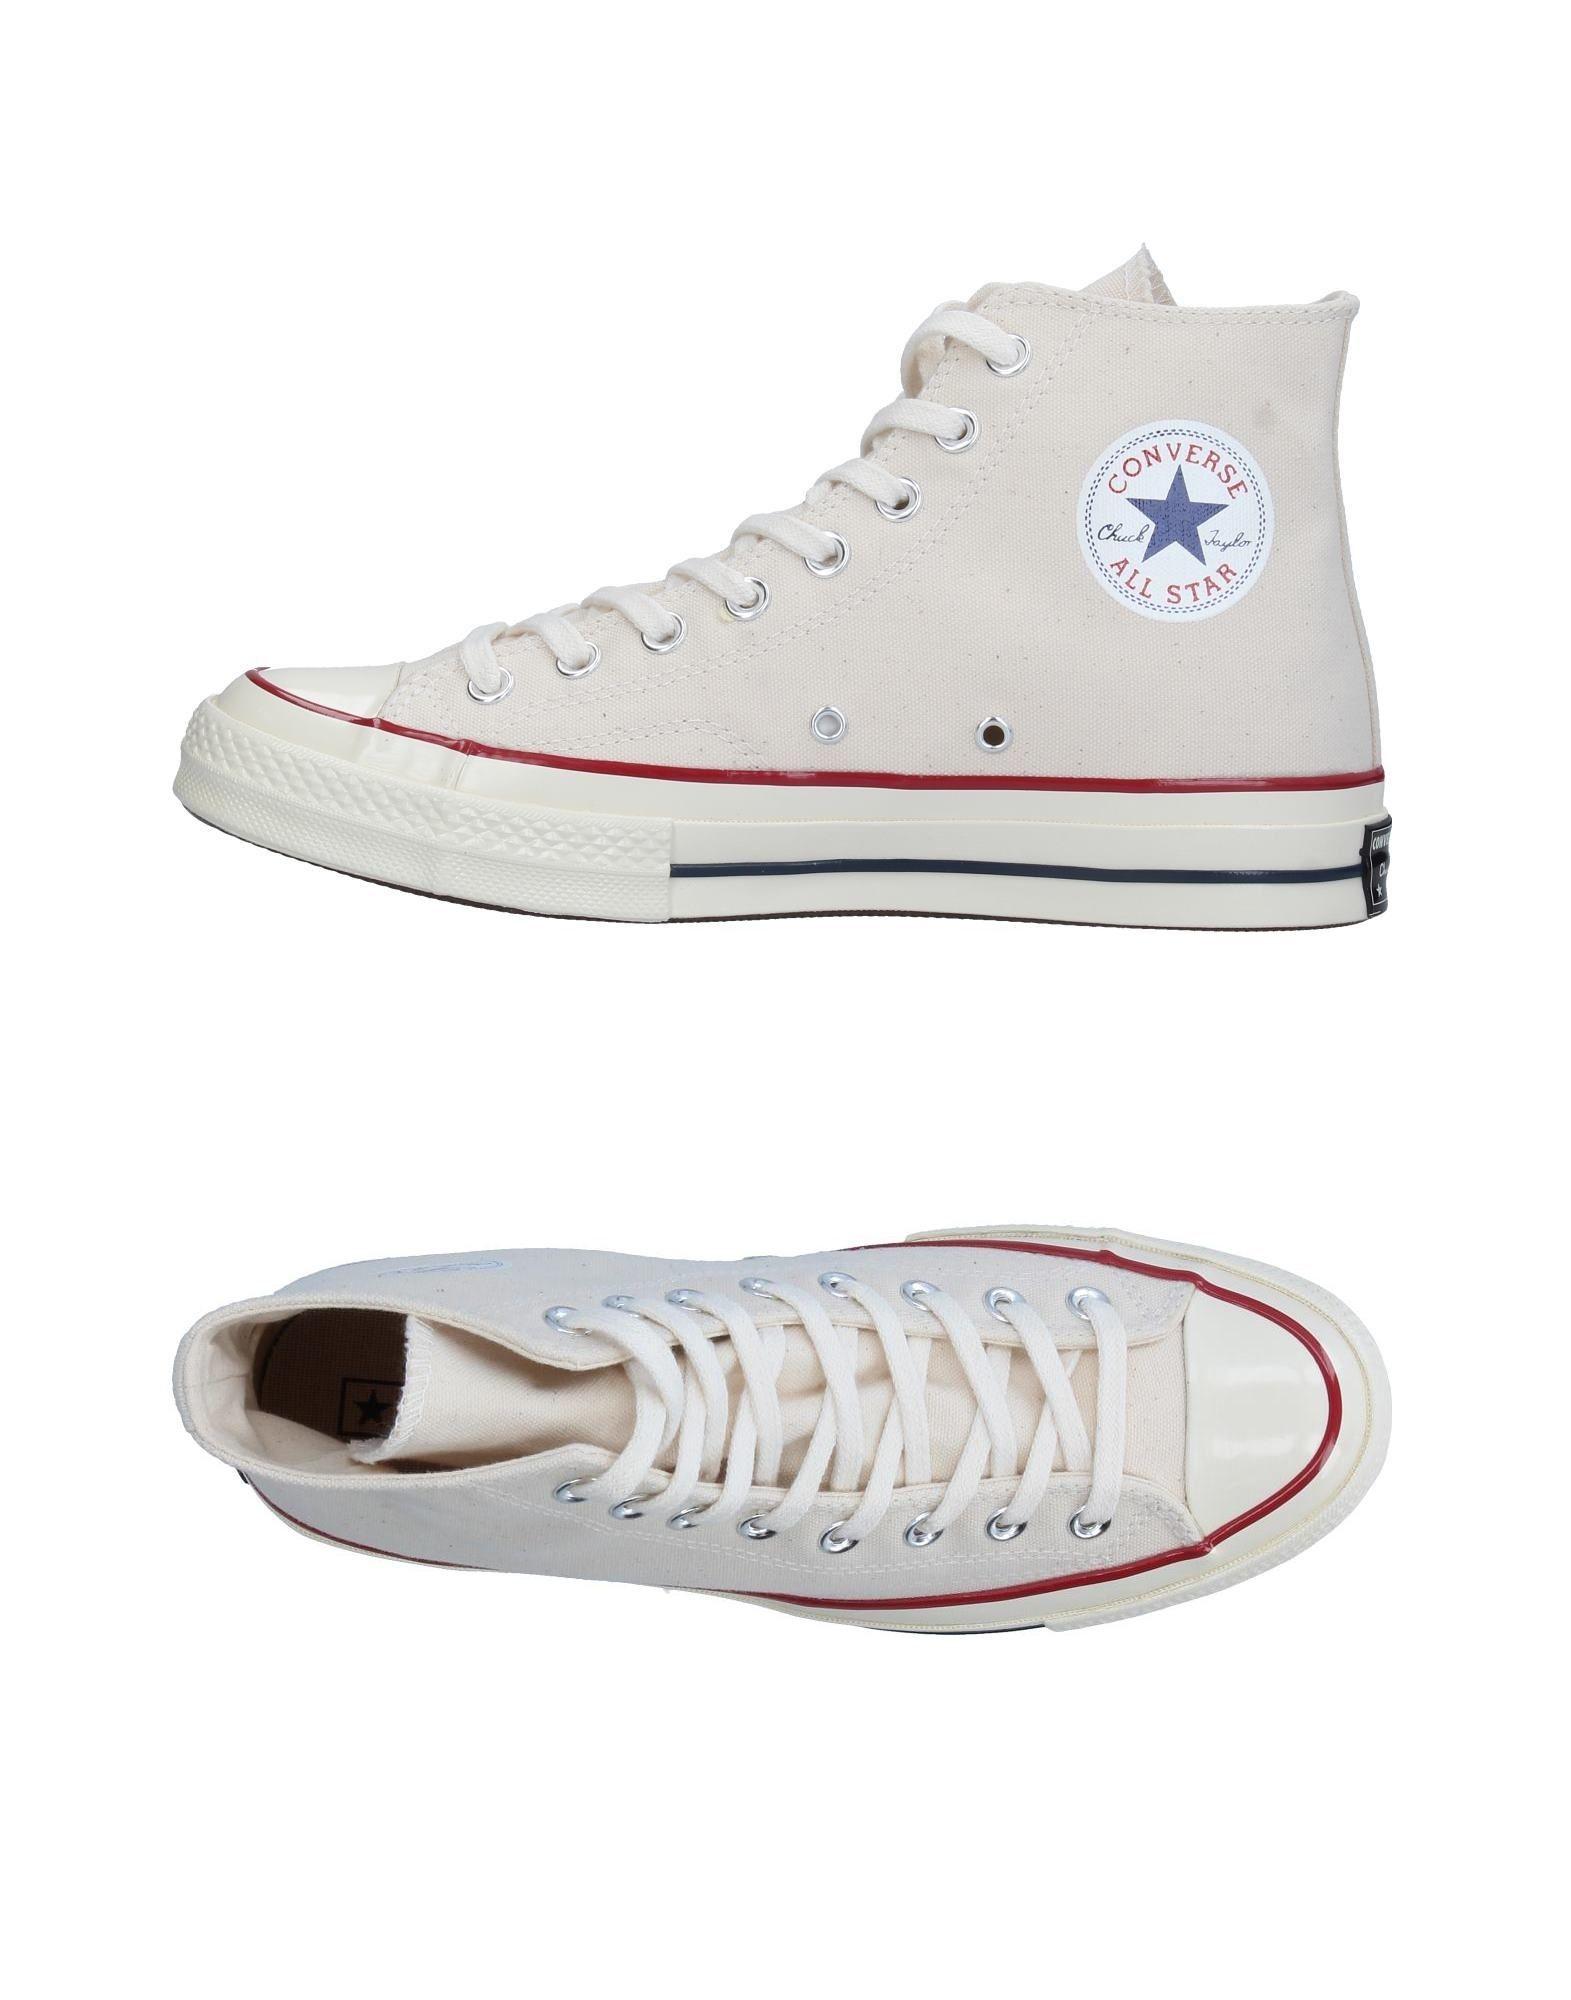 CONVERSE ALL STAR CHUCK TAYLOR II Высокие кеды и кроссовки converse кеды chuck taylor all star 2v